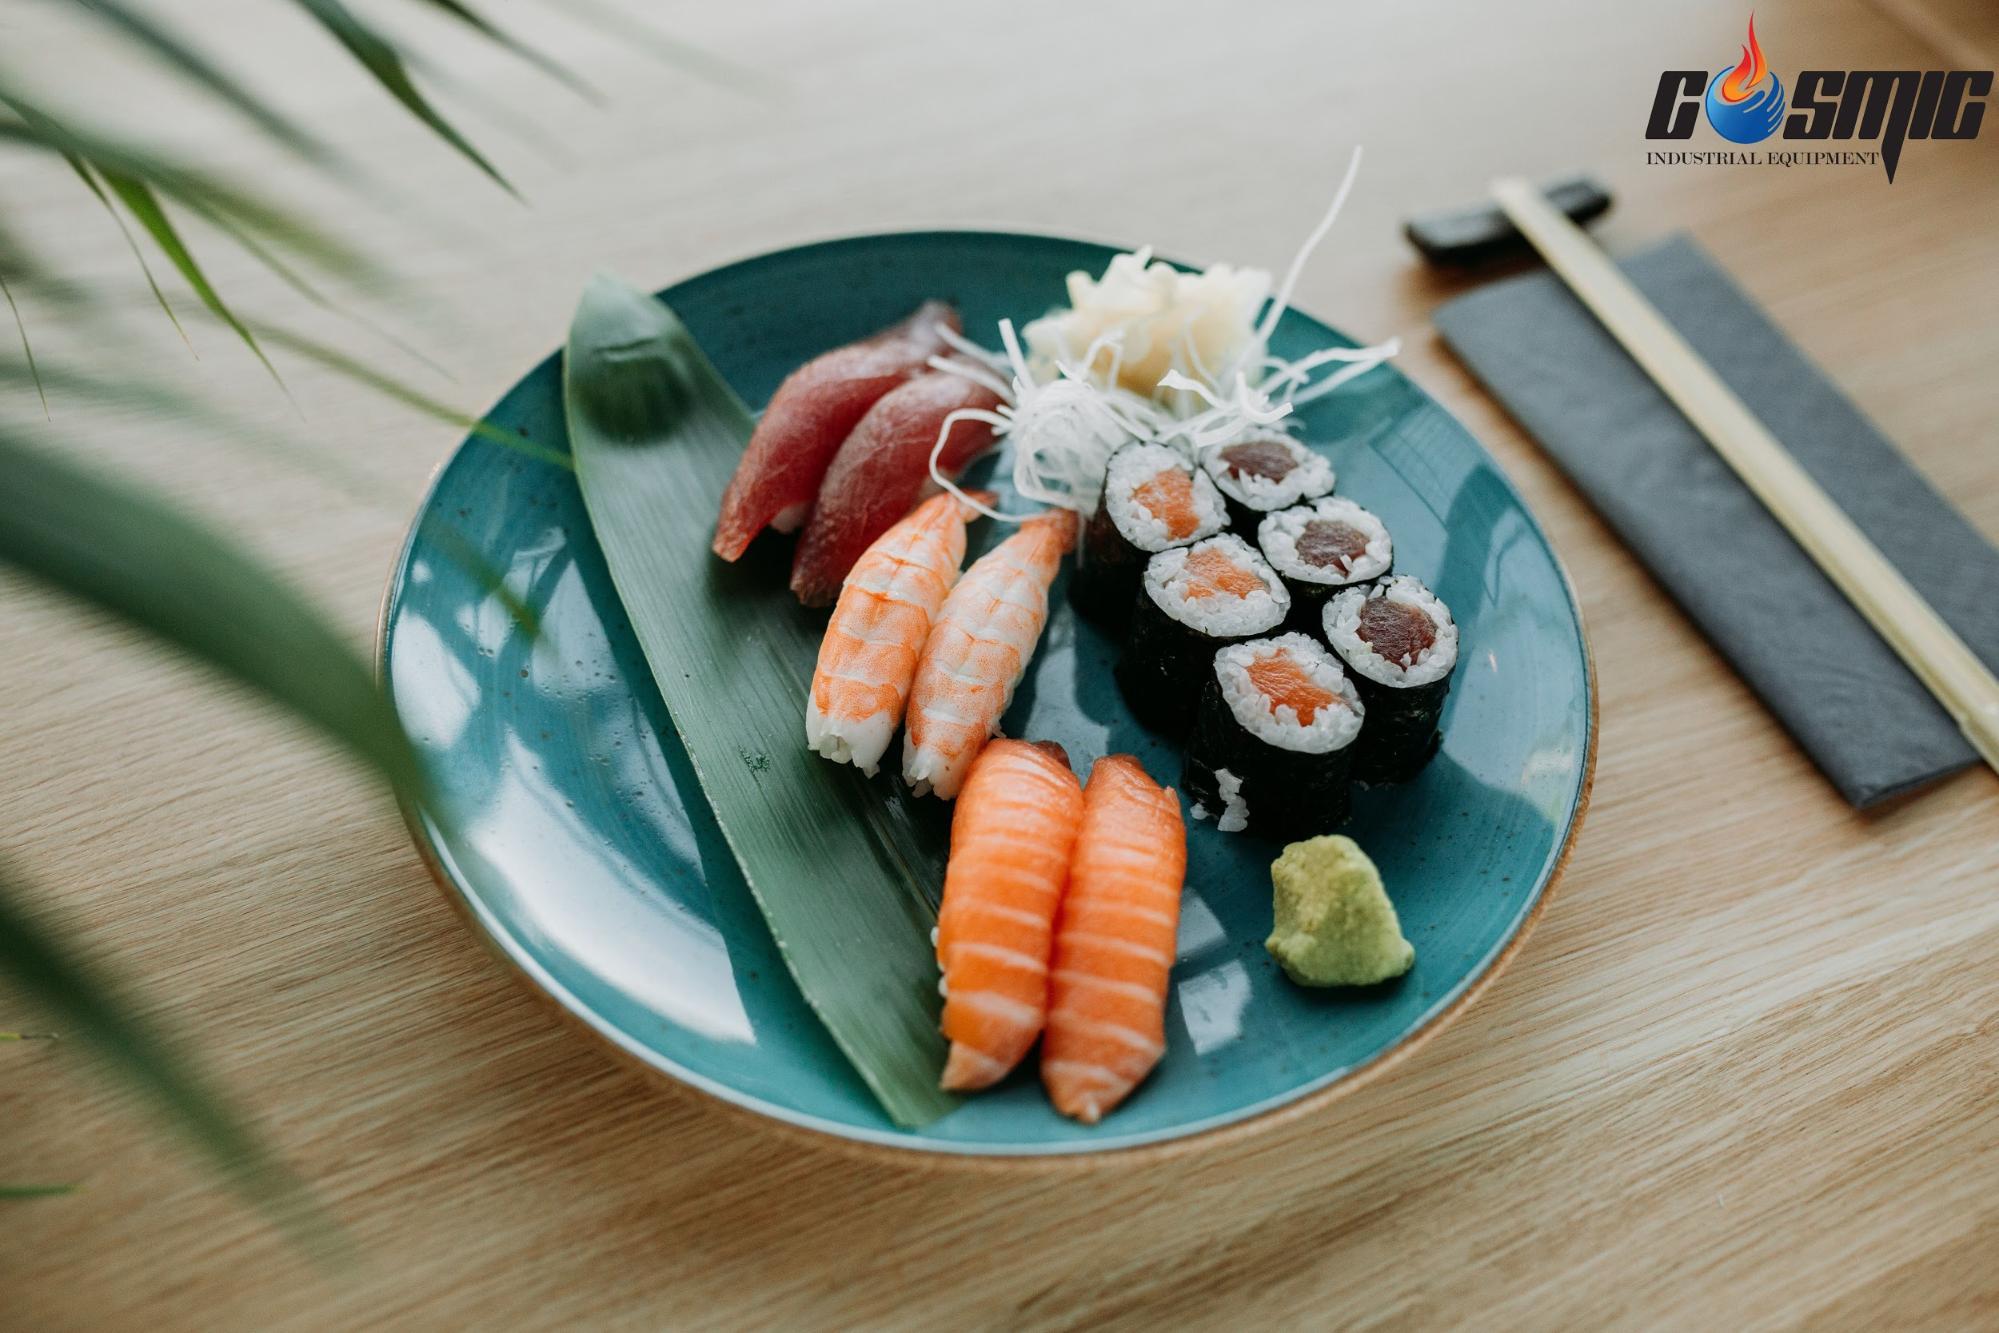 sushi-doi-hoi-bao-quan-trong-mot-thiet-bi-lanh-chuyen-nghiep